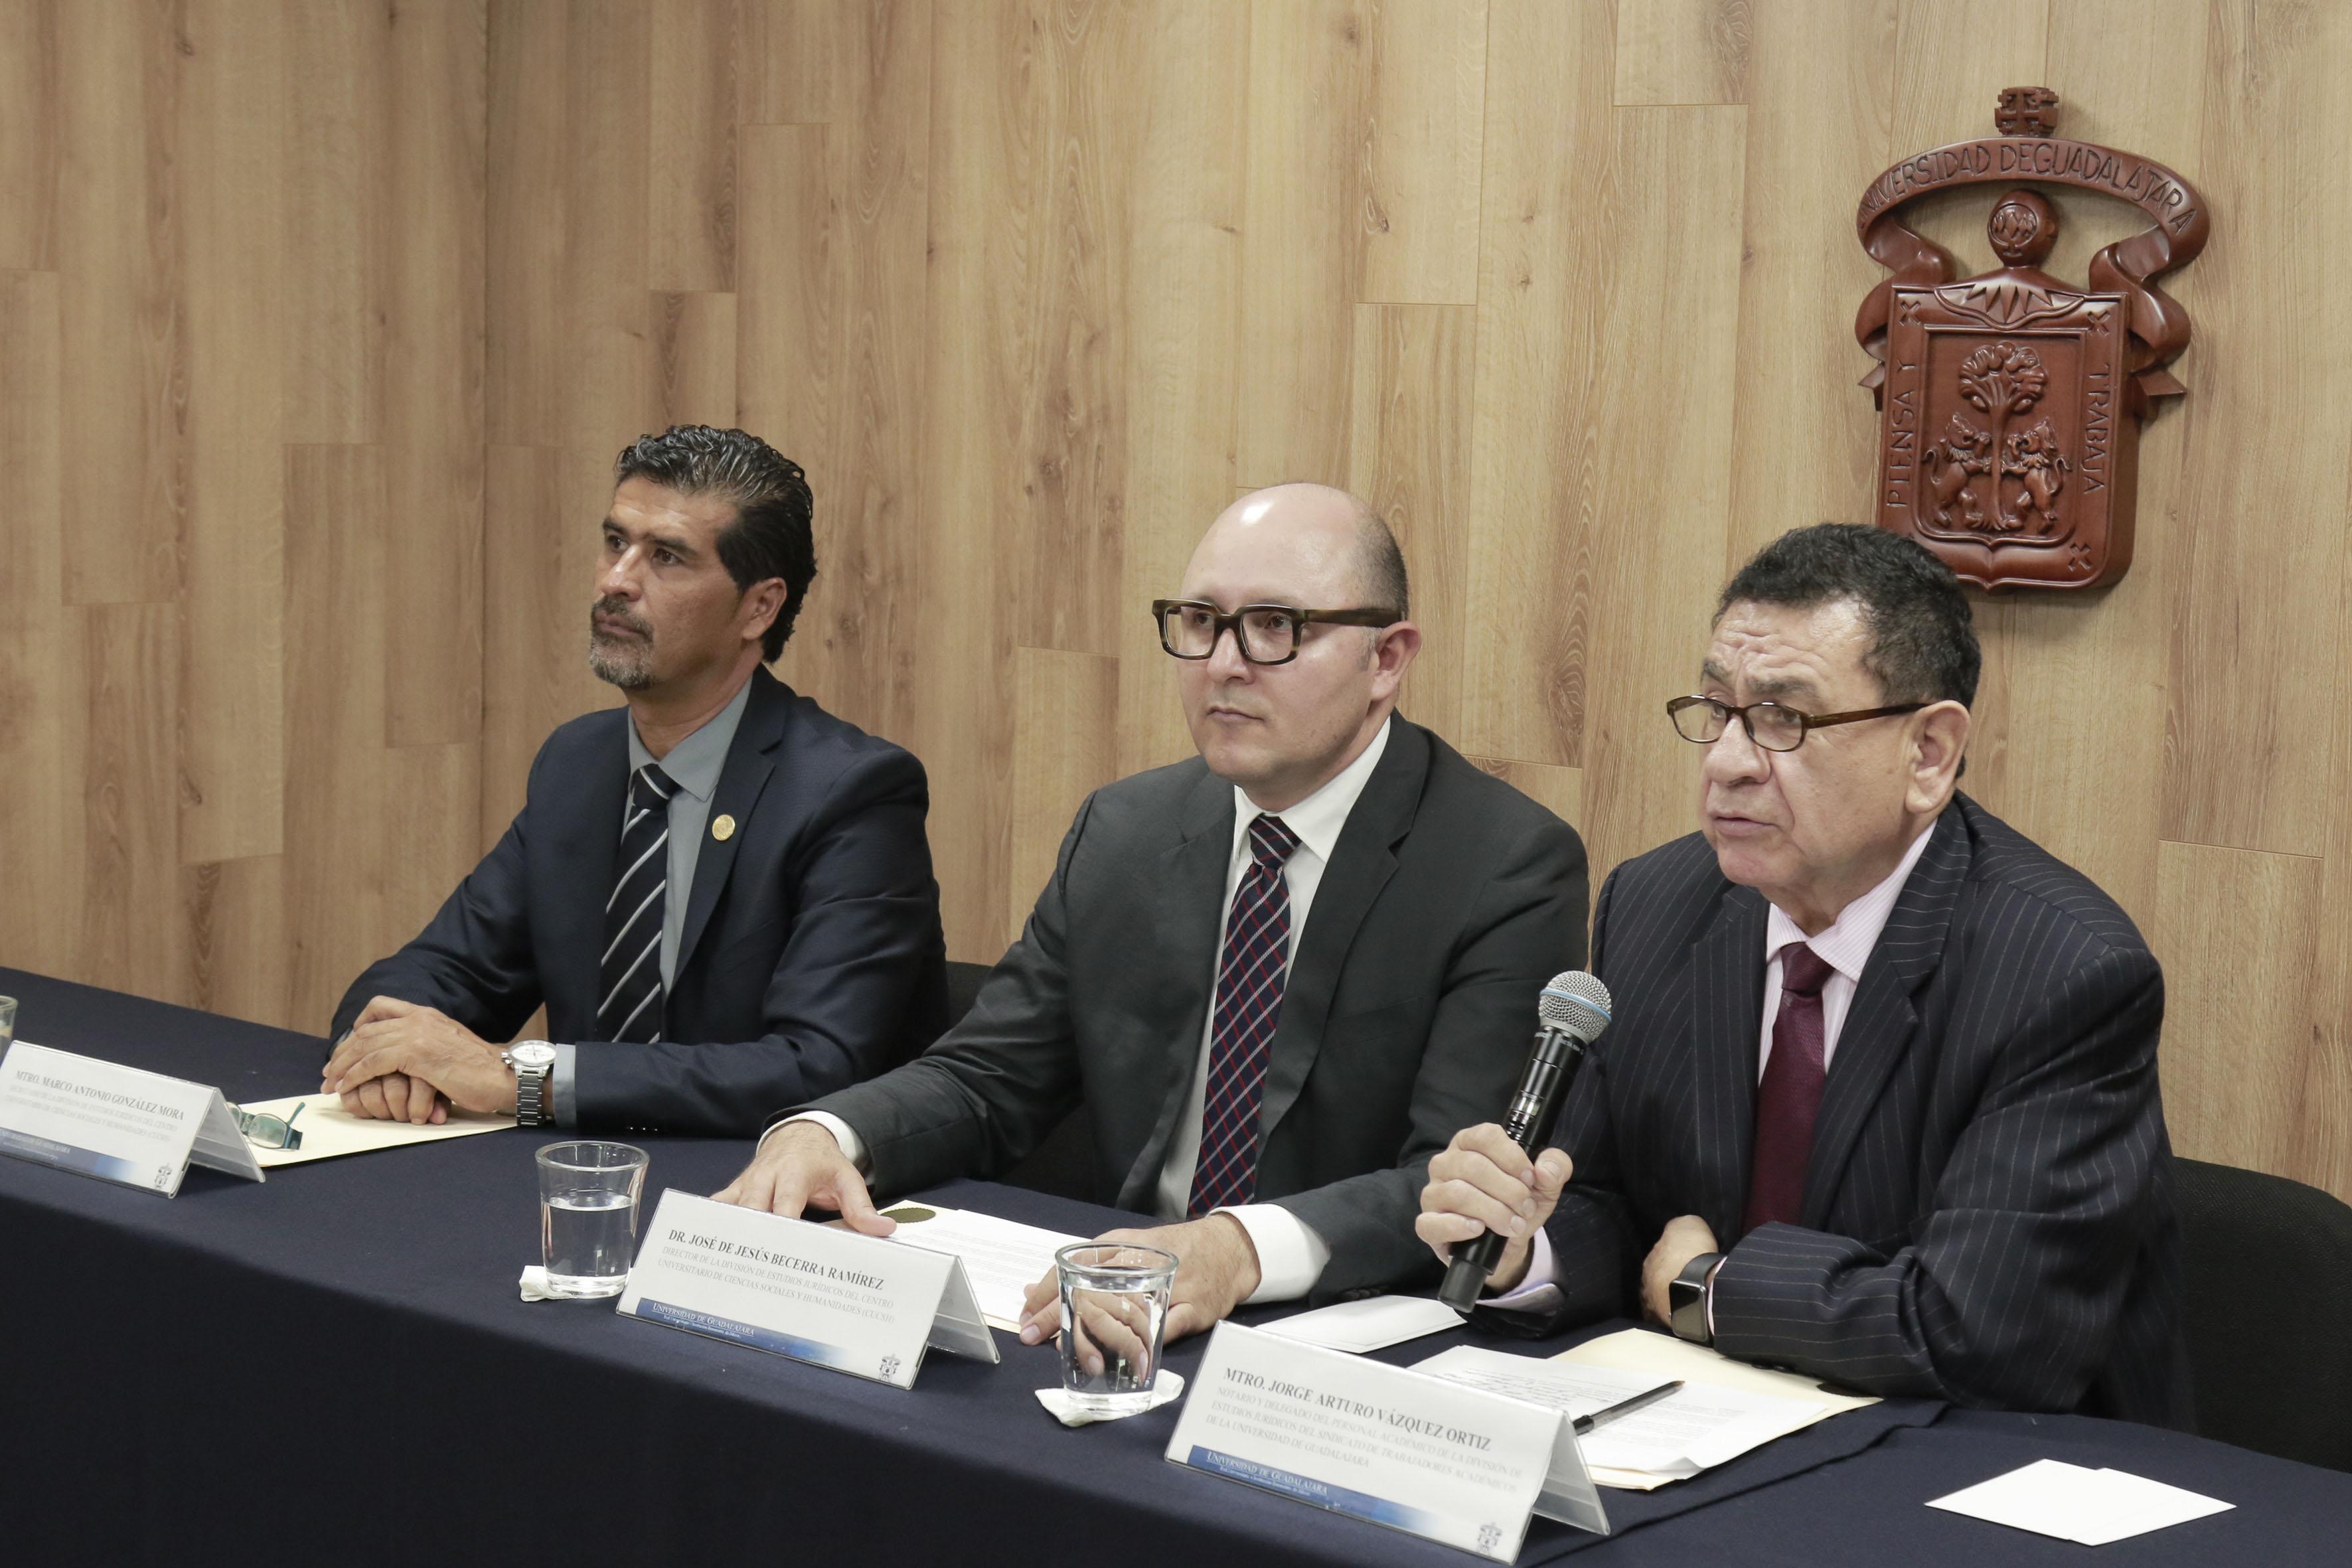 Mtro.Jorge Arturo Vázquez Ortiz, notario público y delegado del Personal Académico de la División de Estudios Jurídicos del Sindicato de Trabajadores Académicos de la Universidad de Guadalajara (STAUdeG) haciendo uso de la palabra